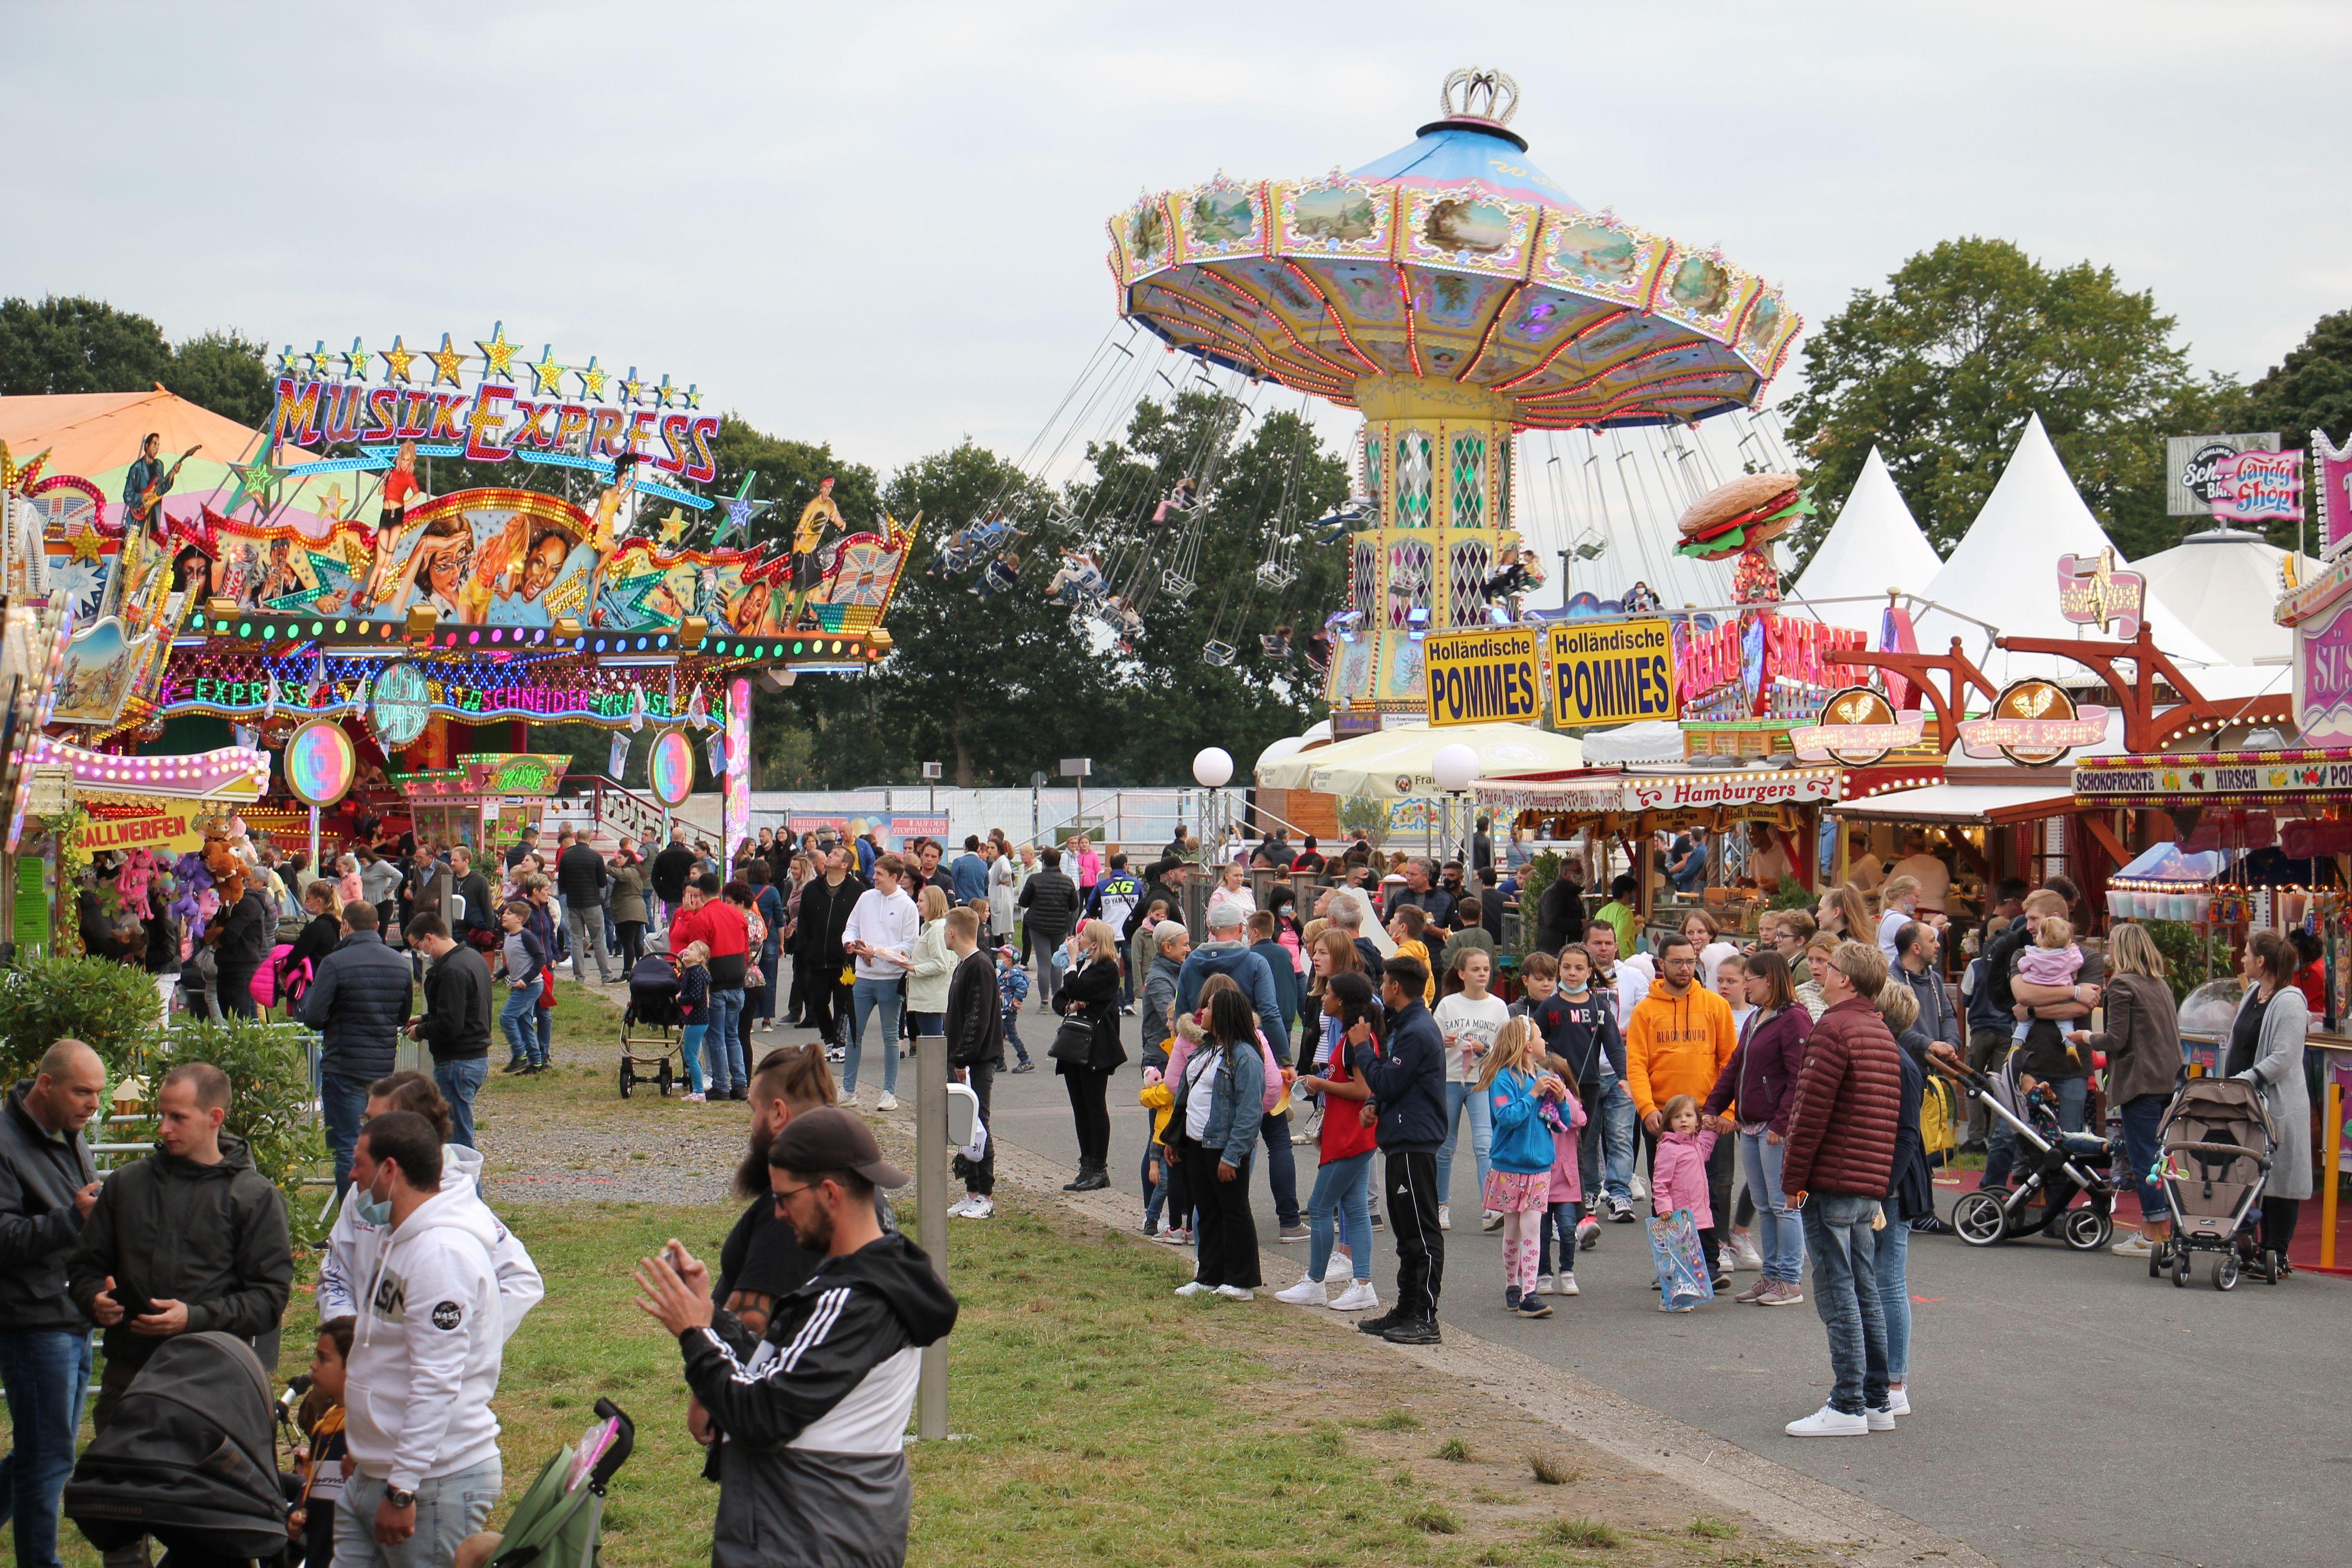 Reger Betrieb auf der Westerheide: Die Schausteller sind mit dem bisherigen Besuch des Freizeitparks sehr zufrieden. Foto: Speckmann